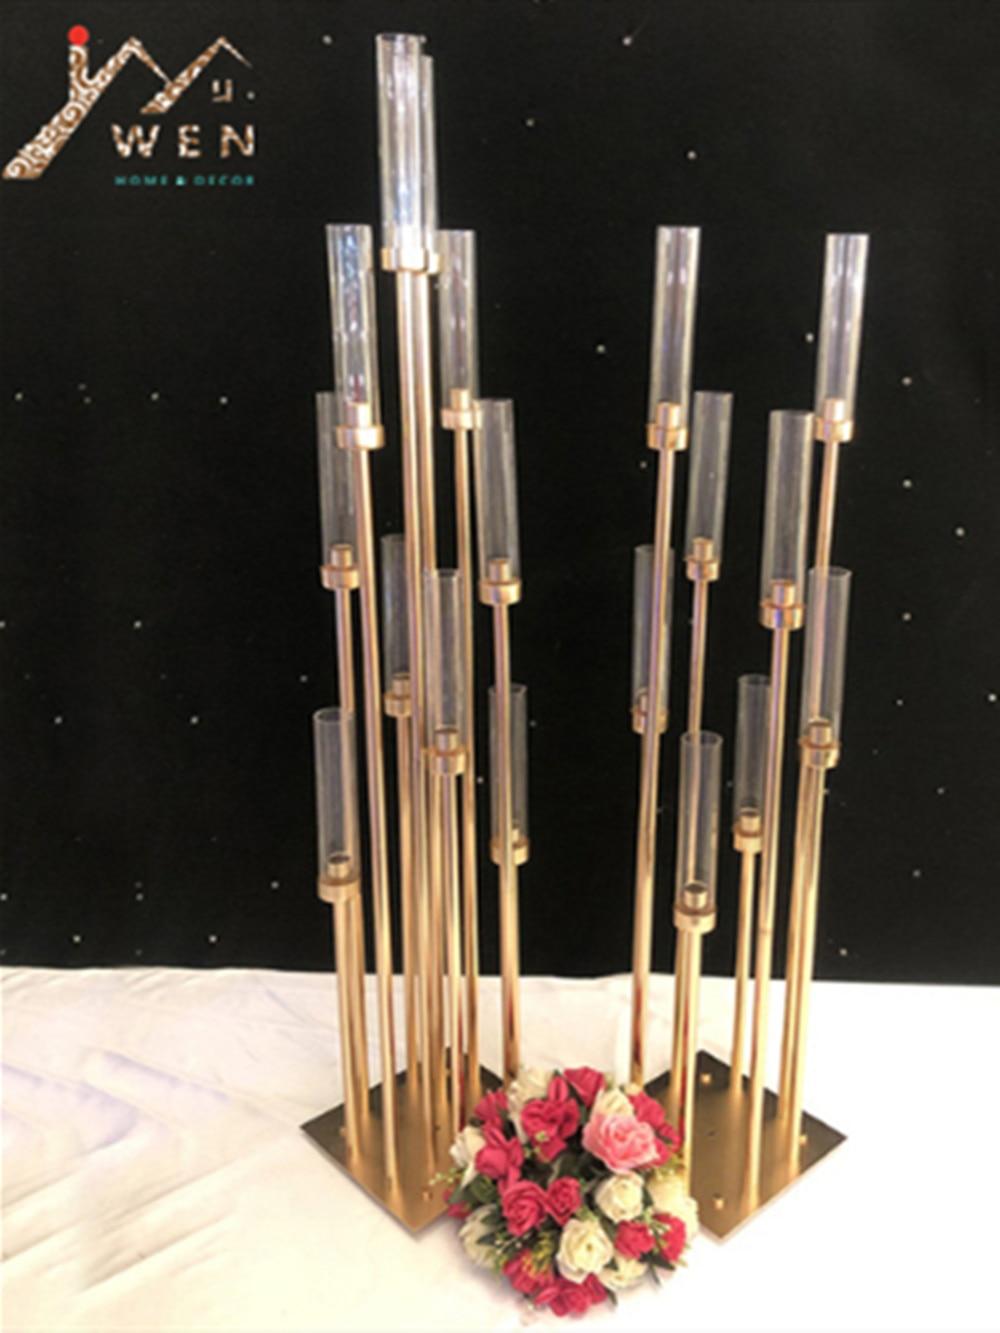 10 Stuks Metalen Kandelaars Kandelaar Vazen Bruiloft Tafel Middelpunt Kandelaar Pillar Stand Road Lood Party Decoratie